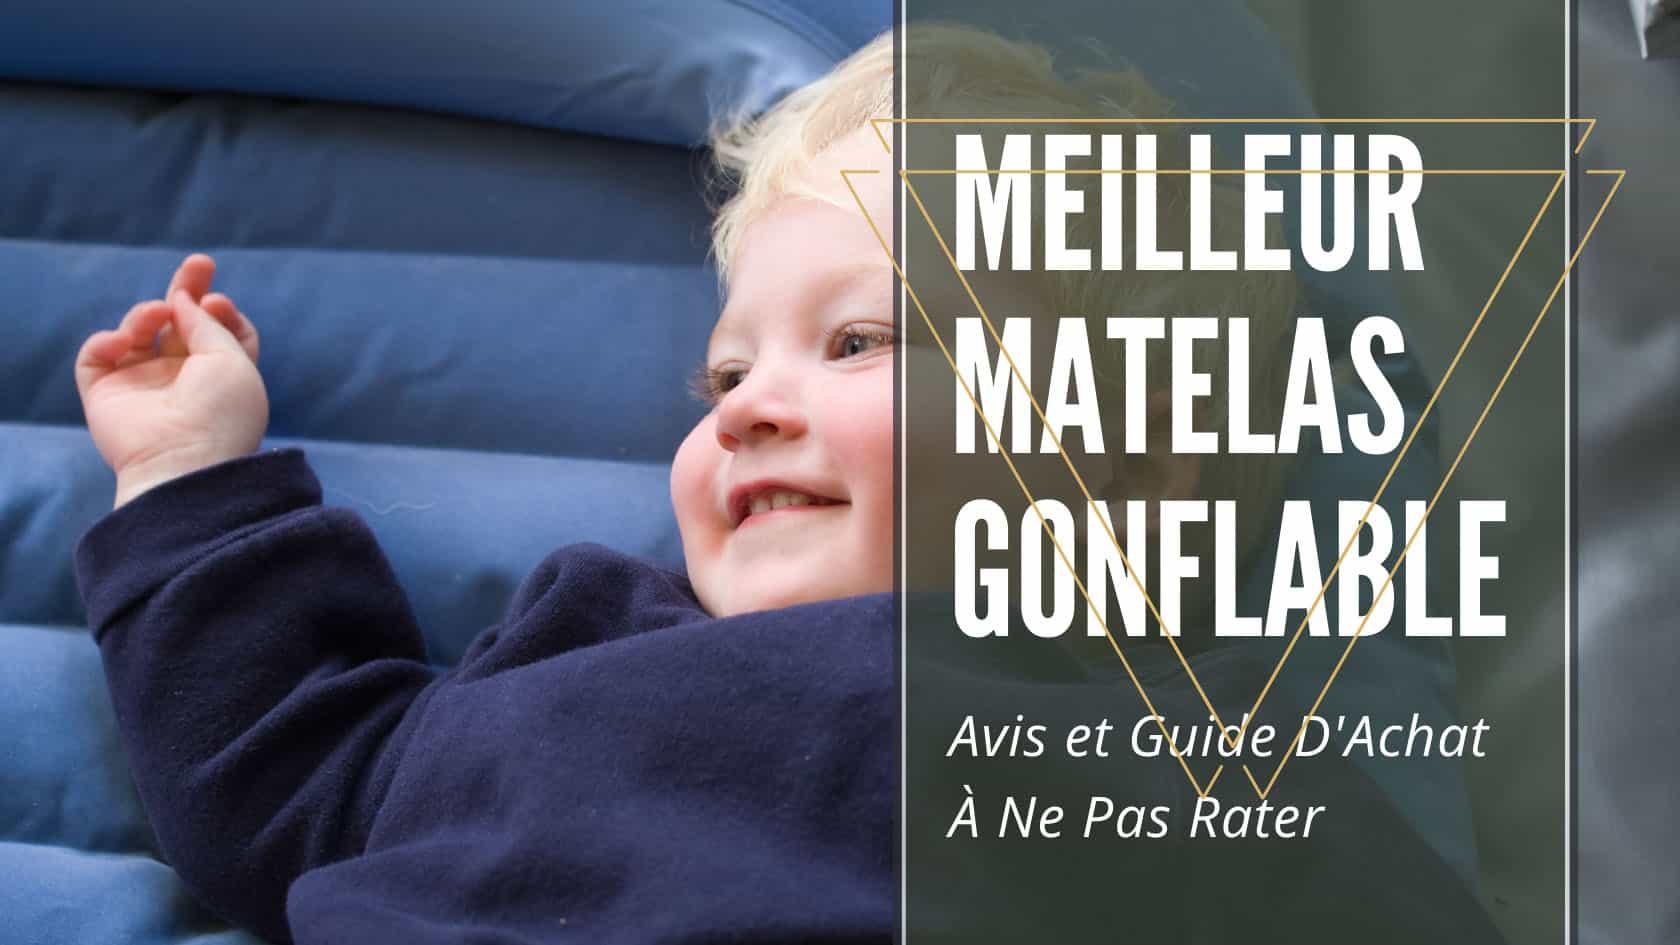 Meilleur Matelas Gonflable